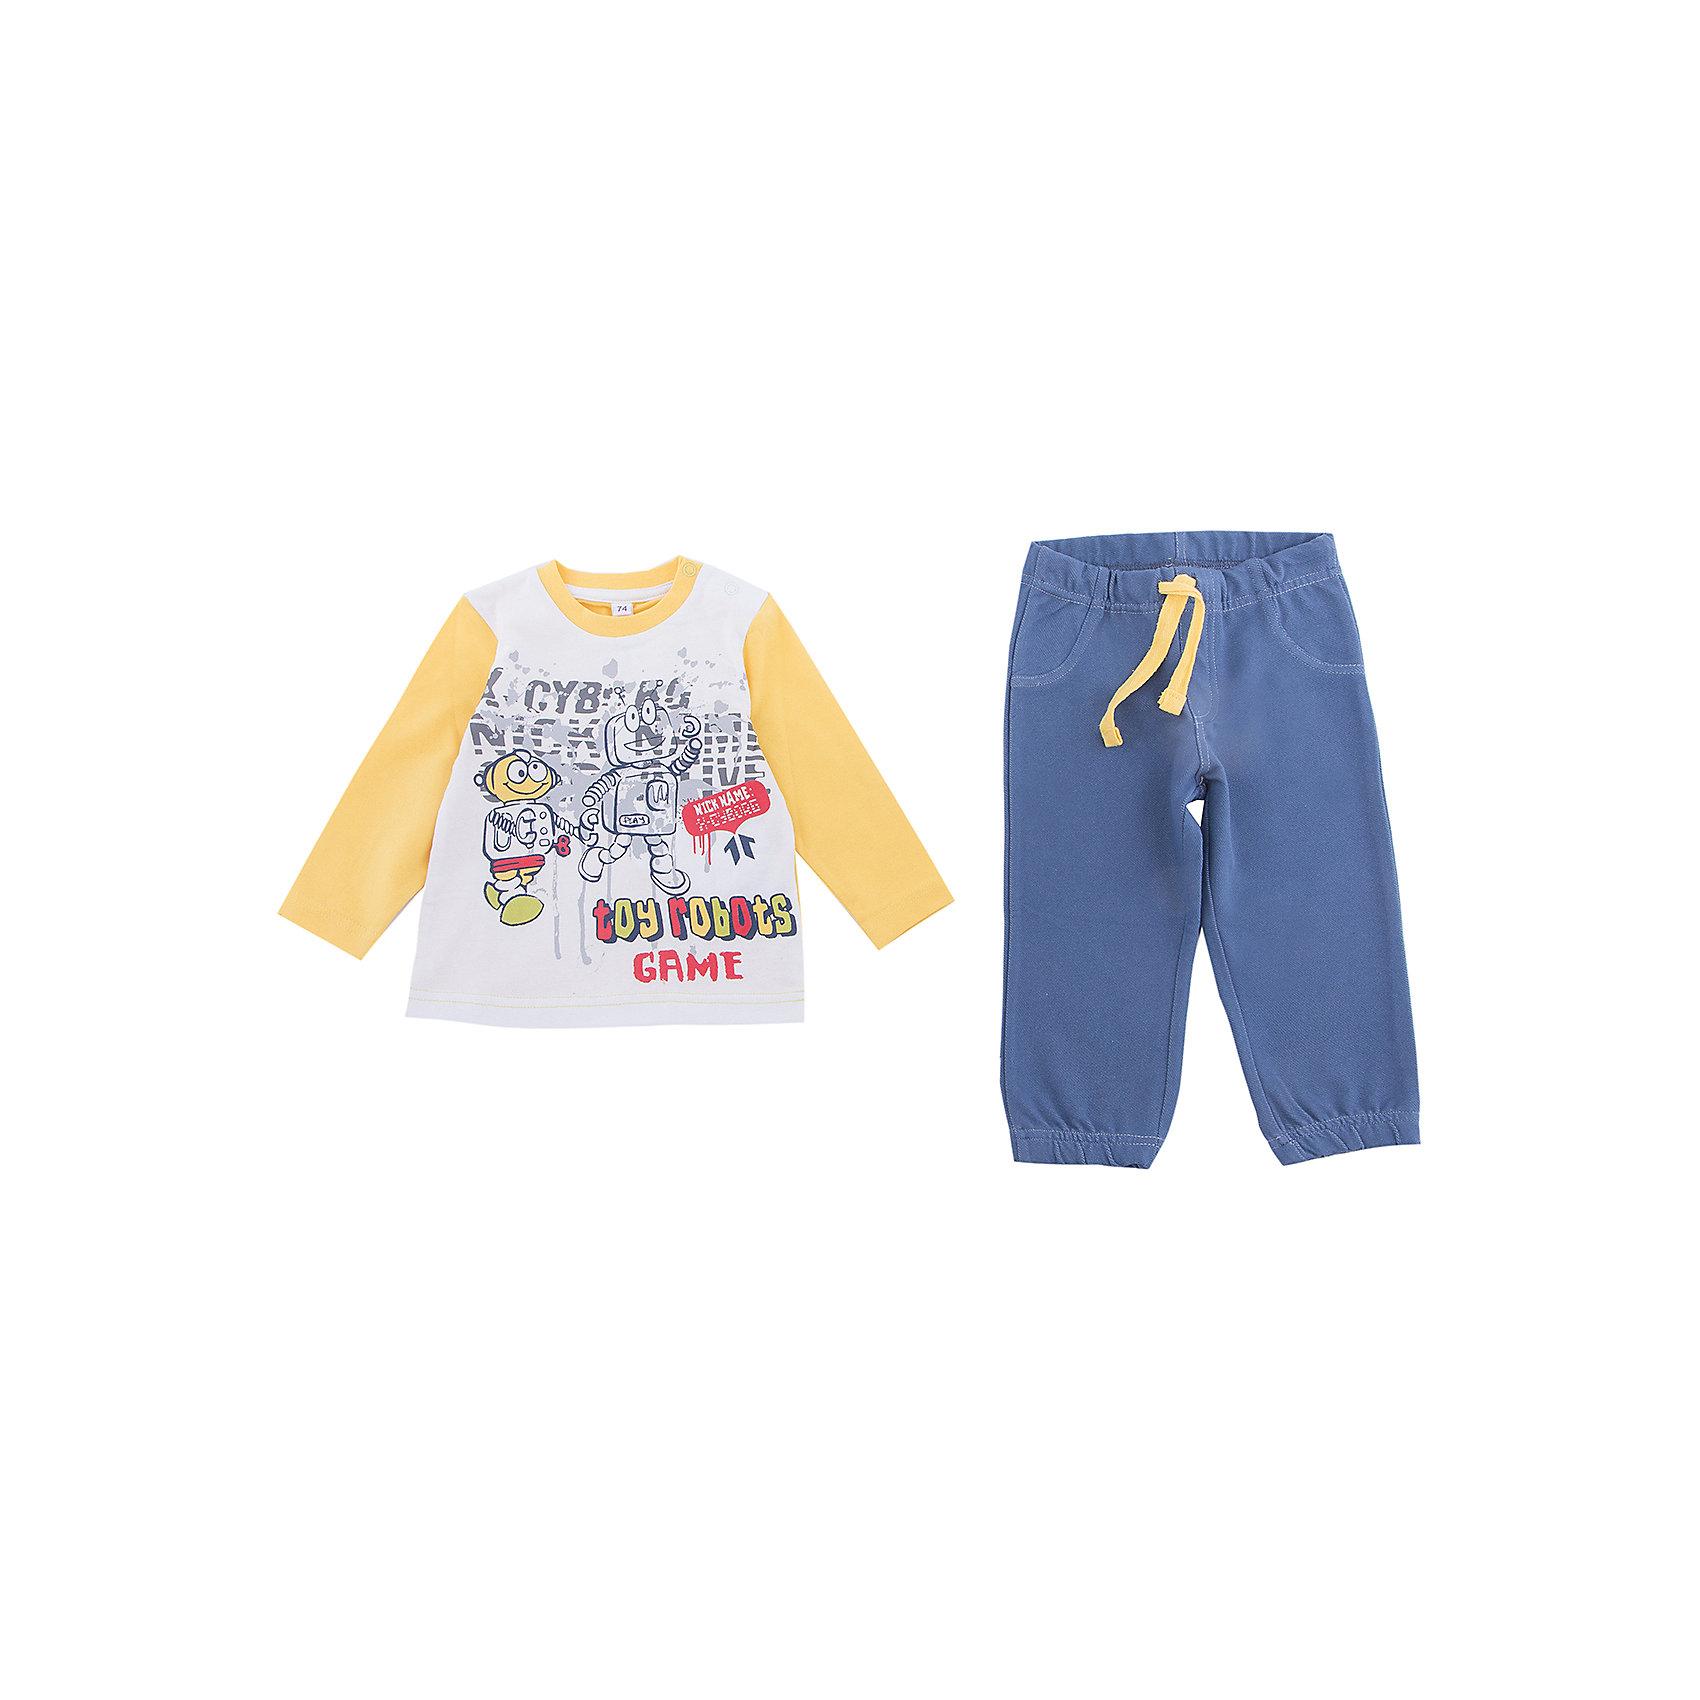 Комплект: футболка с длинным рукавом и брюки PlayToday для мальчикаКомплекты<br>Комплект: футболка с длинным рукавом и брюки PlayToday для мальчика<br>Комплект из футболки с длинным рукавом и брюк - отличное решение и для повседневного гардероба, и в качестве домашней одежды. Приятная на ощупь ткань не вызывает раздражений. Модель декорирована принтом. Для удобства снимания и одевания горловина футболки дополнена застежками - кнопками. Пояс брюк на мягкой резинке, не сдавливающей живот ребенка.<br>Состав:<br>92% хлопок, 8%эластан / 75% хлопок, 20% полиэстер, 5%эластан<br><br>Ширина мм: 230<br>Глубина мм: 40<br>Высота мм: 220<br>Вес г: 250<br>Цвет: белый<br>Возраст от месяцев: 18<br>Возраст до месяцев: 24<br>Пол: Мужской<br>Возраст: Детский<br>Размер: 92,74,80,86<br>SKU: 7109799